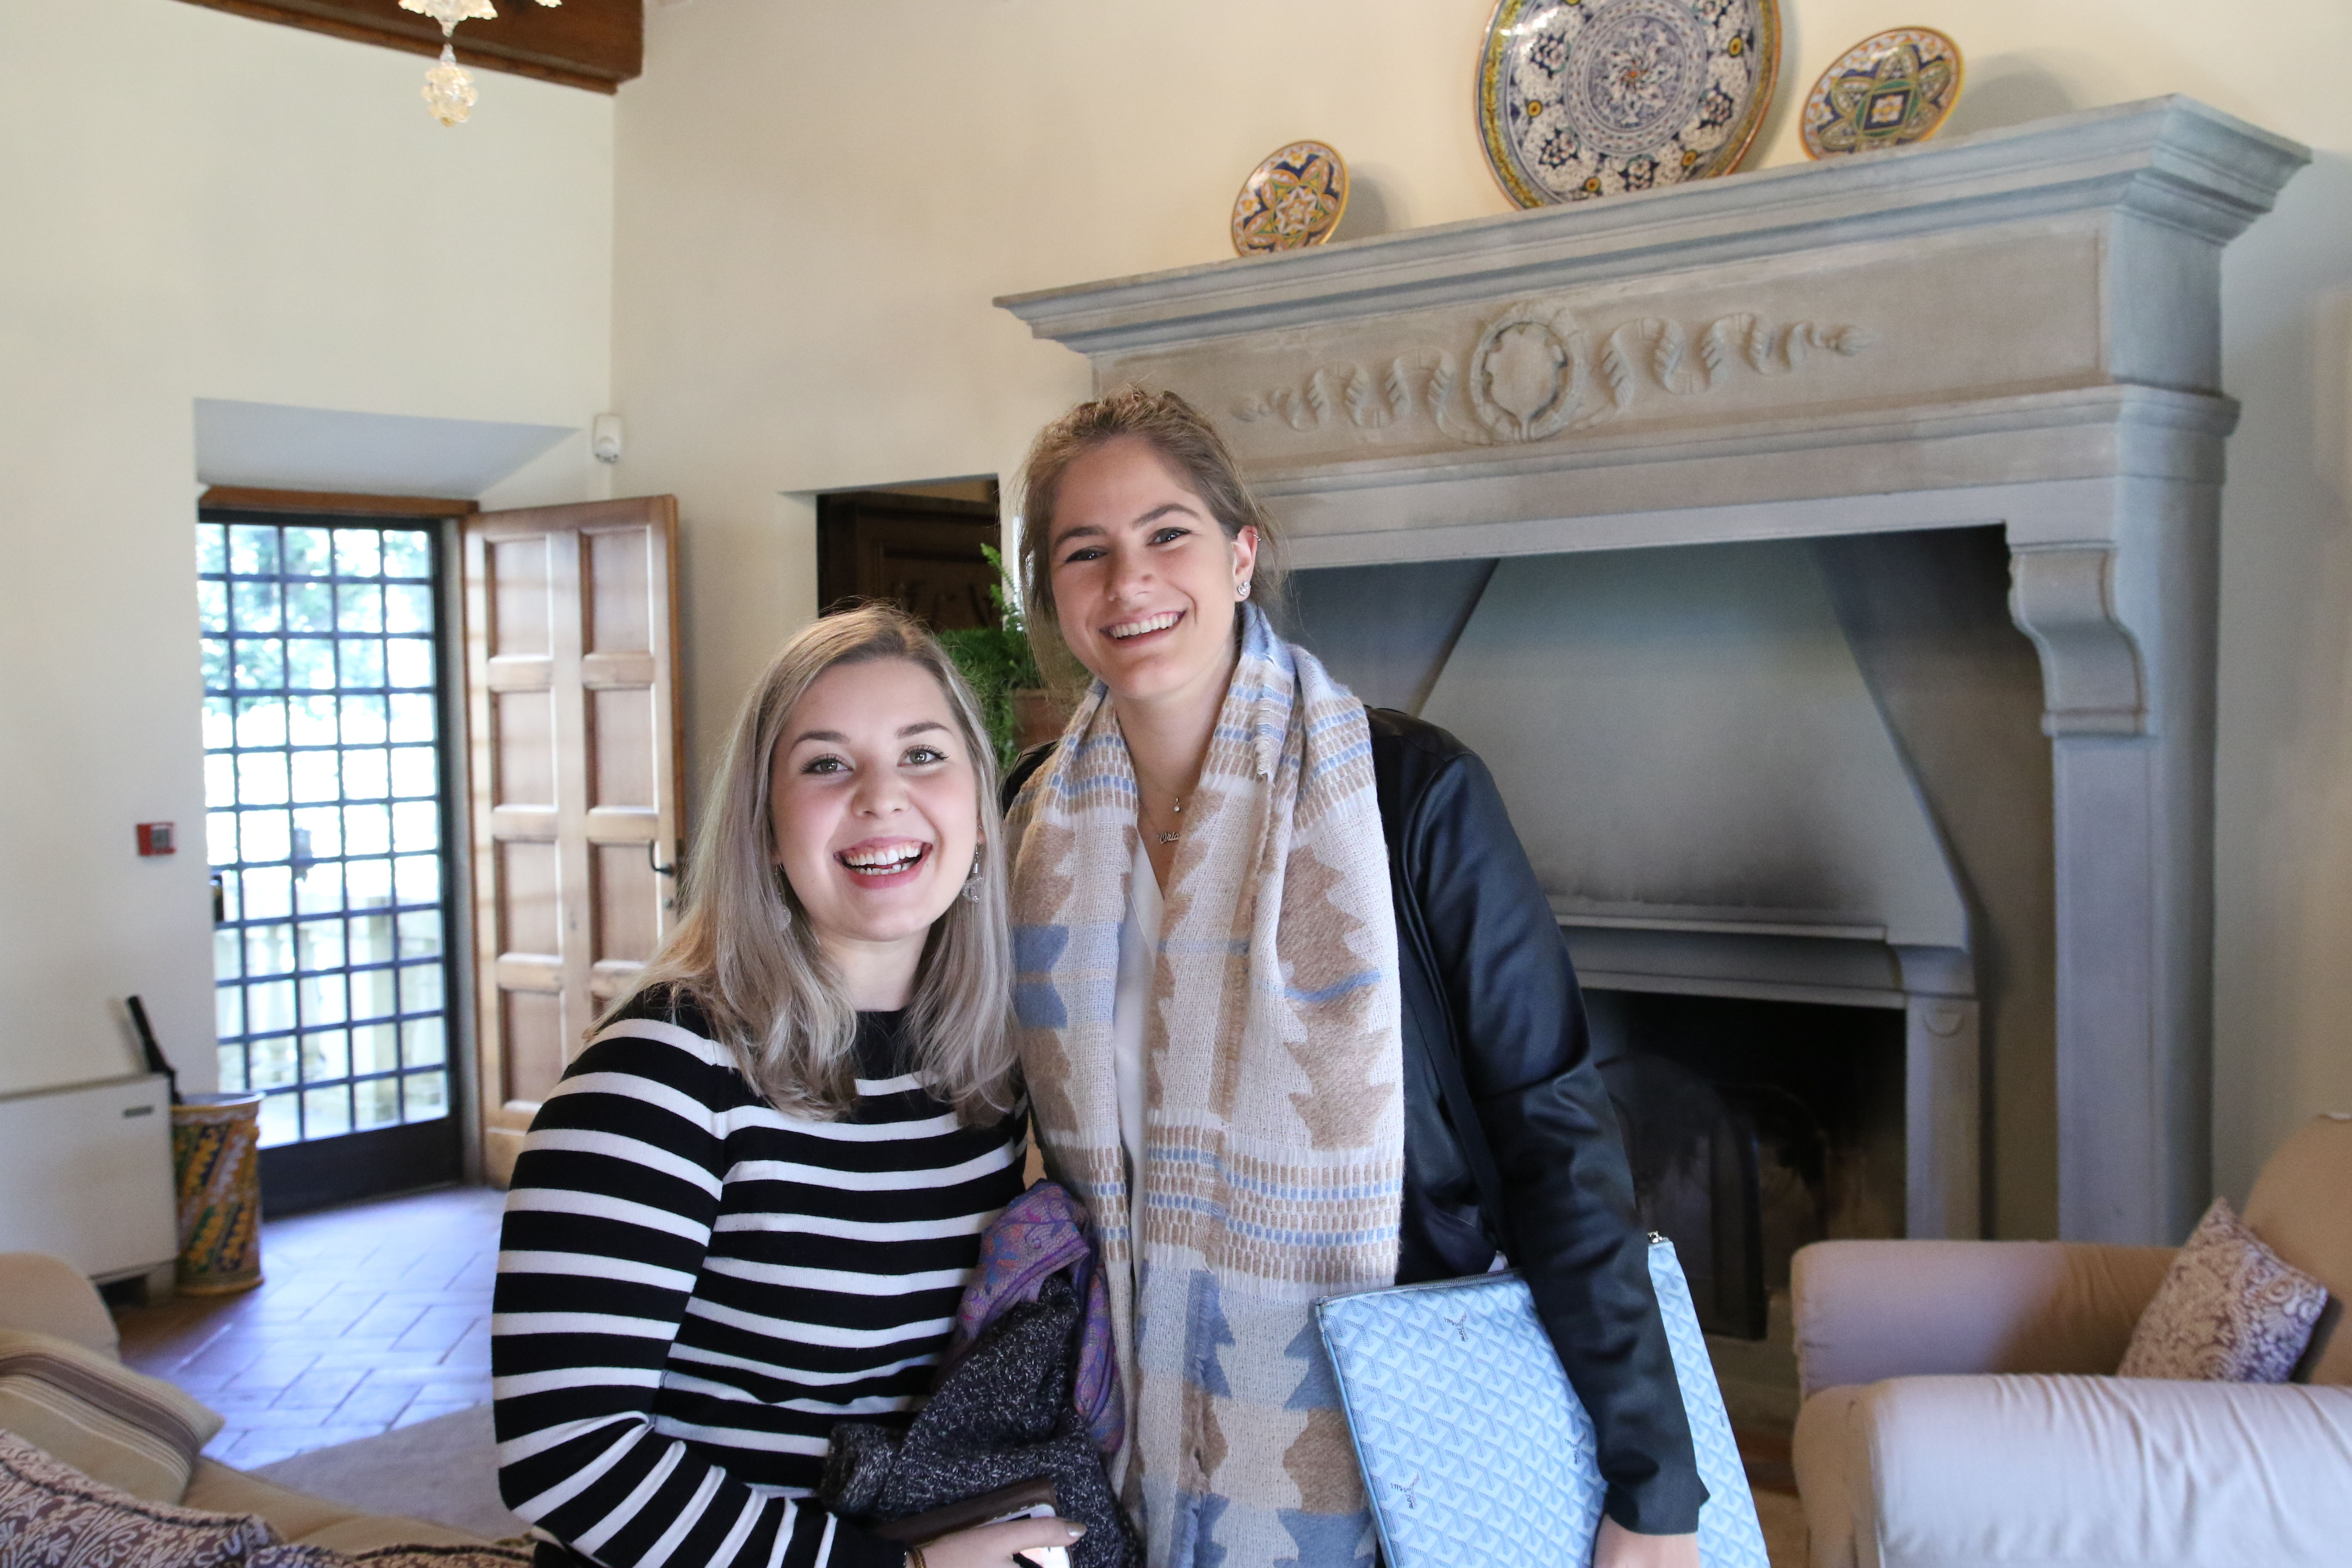 NYU Florence Students Matilda Mahne and Ori De Angelis